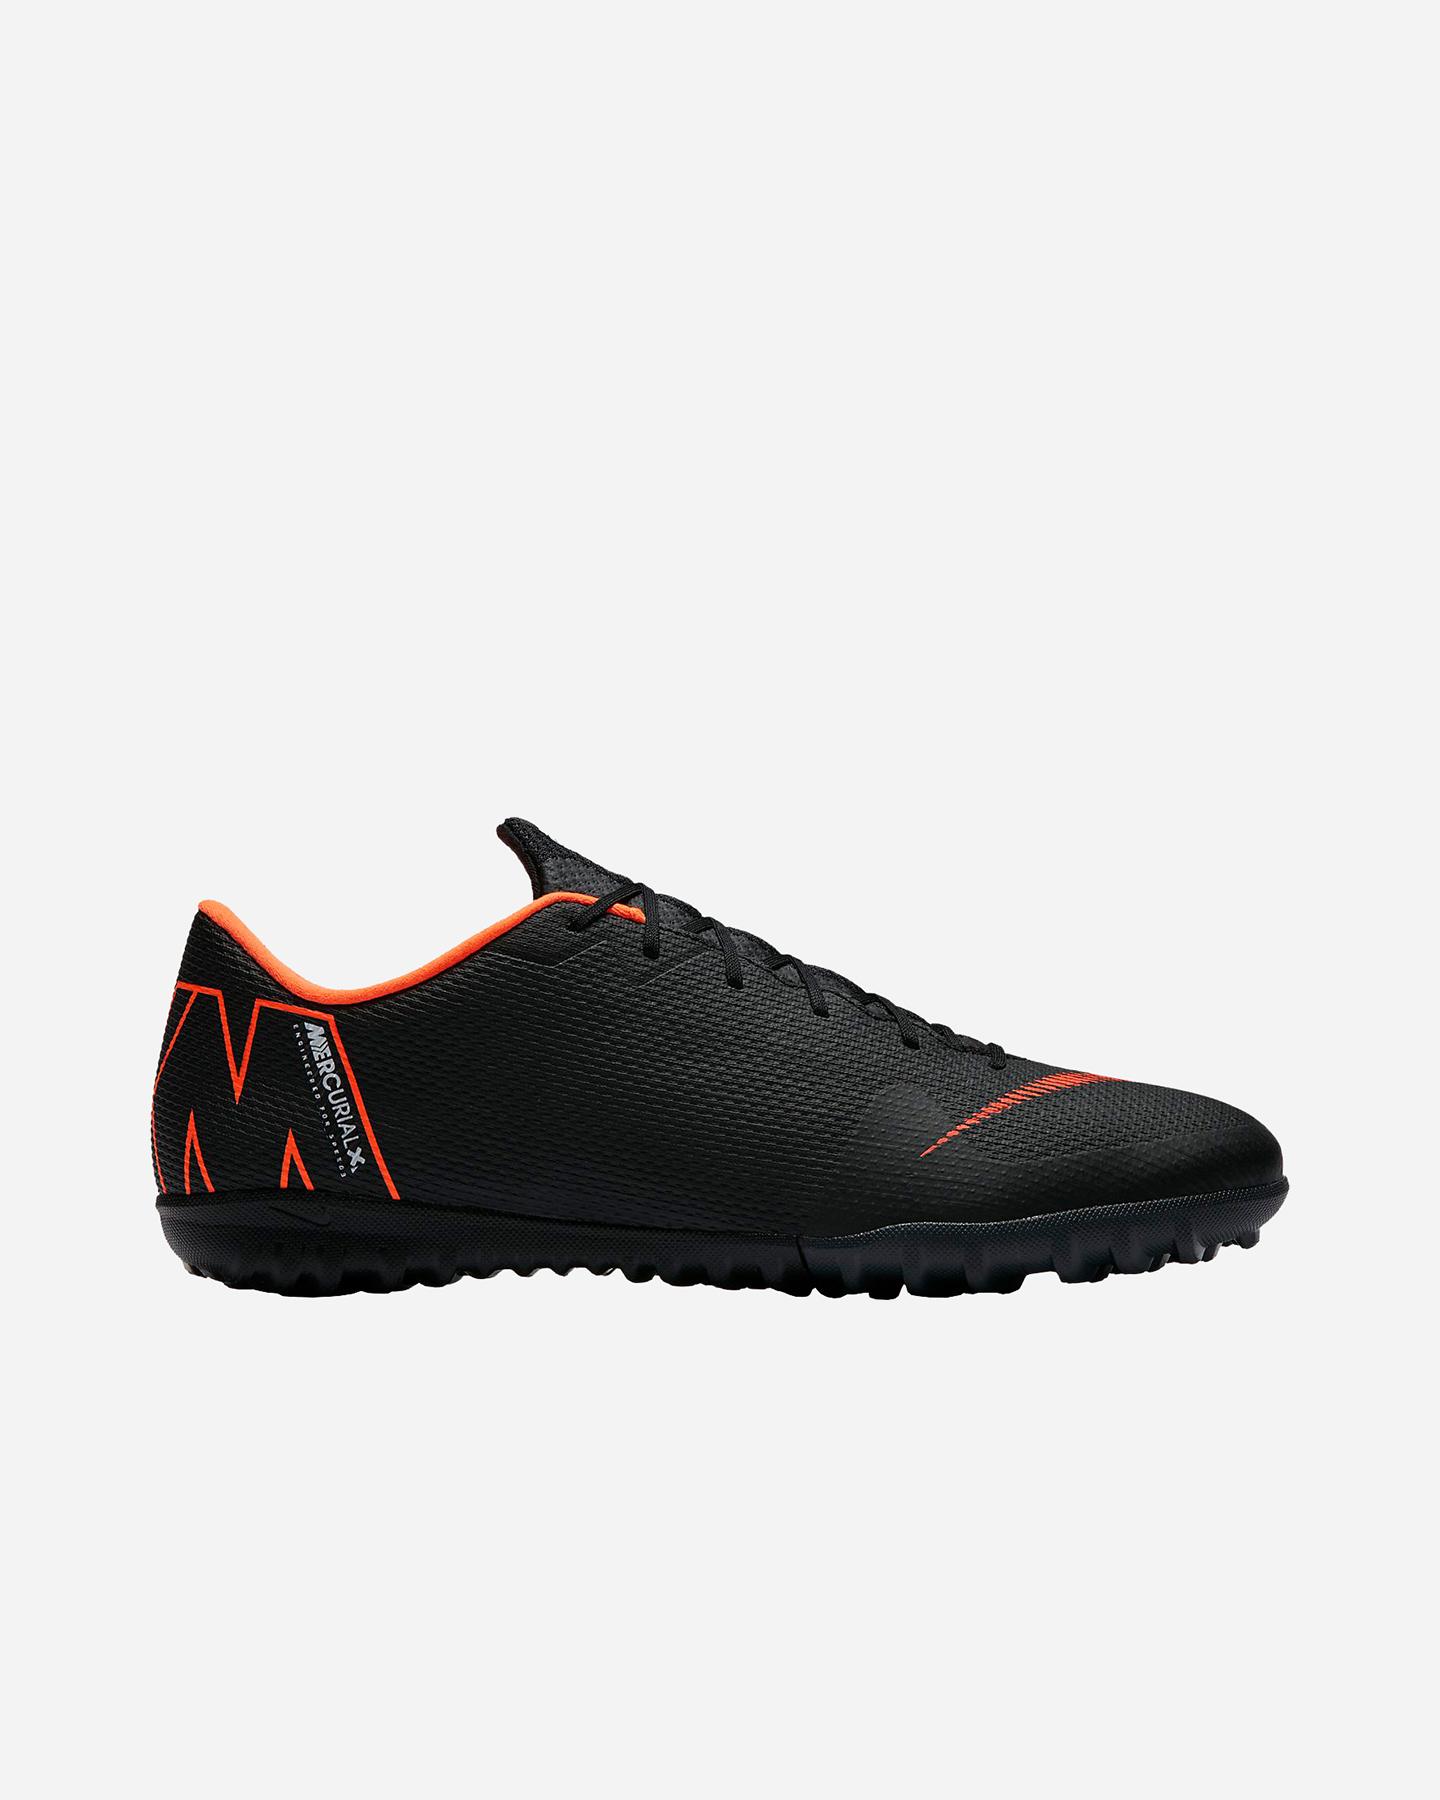 scarpe calcetto uomo nike mercurial x